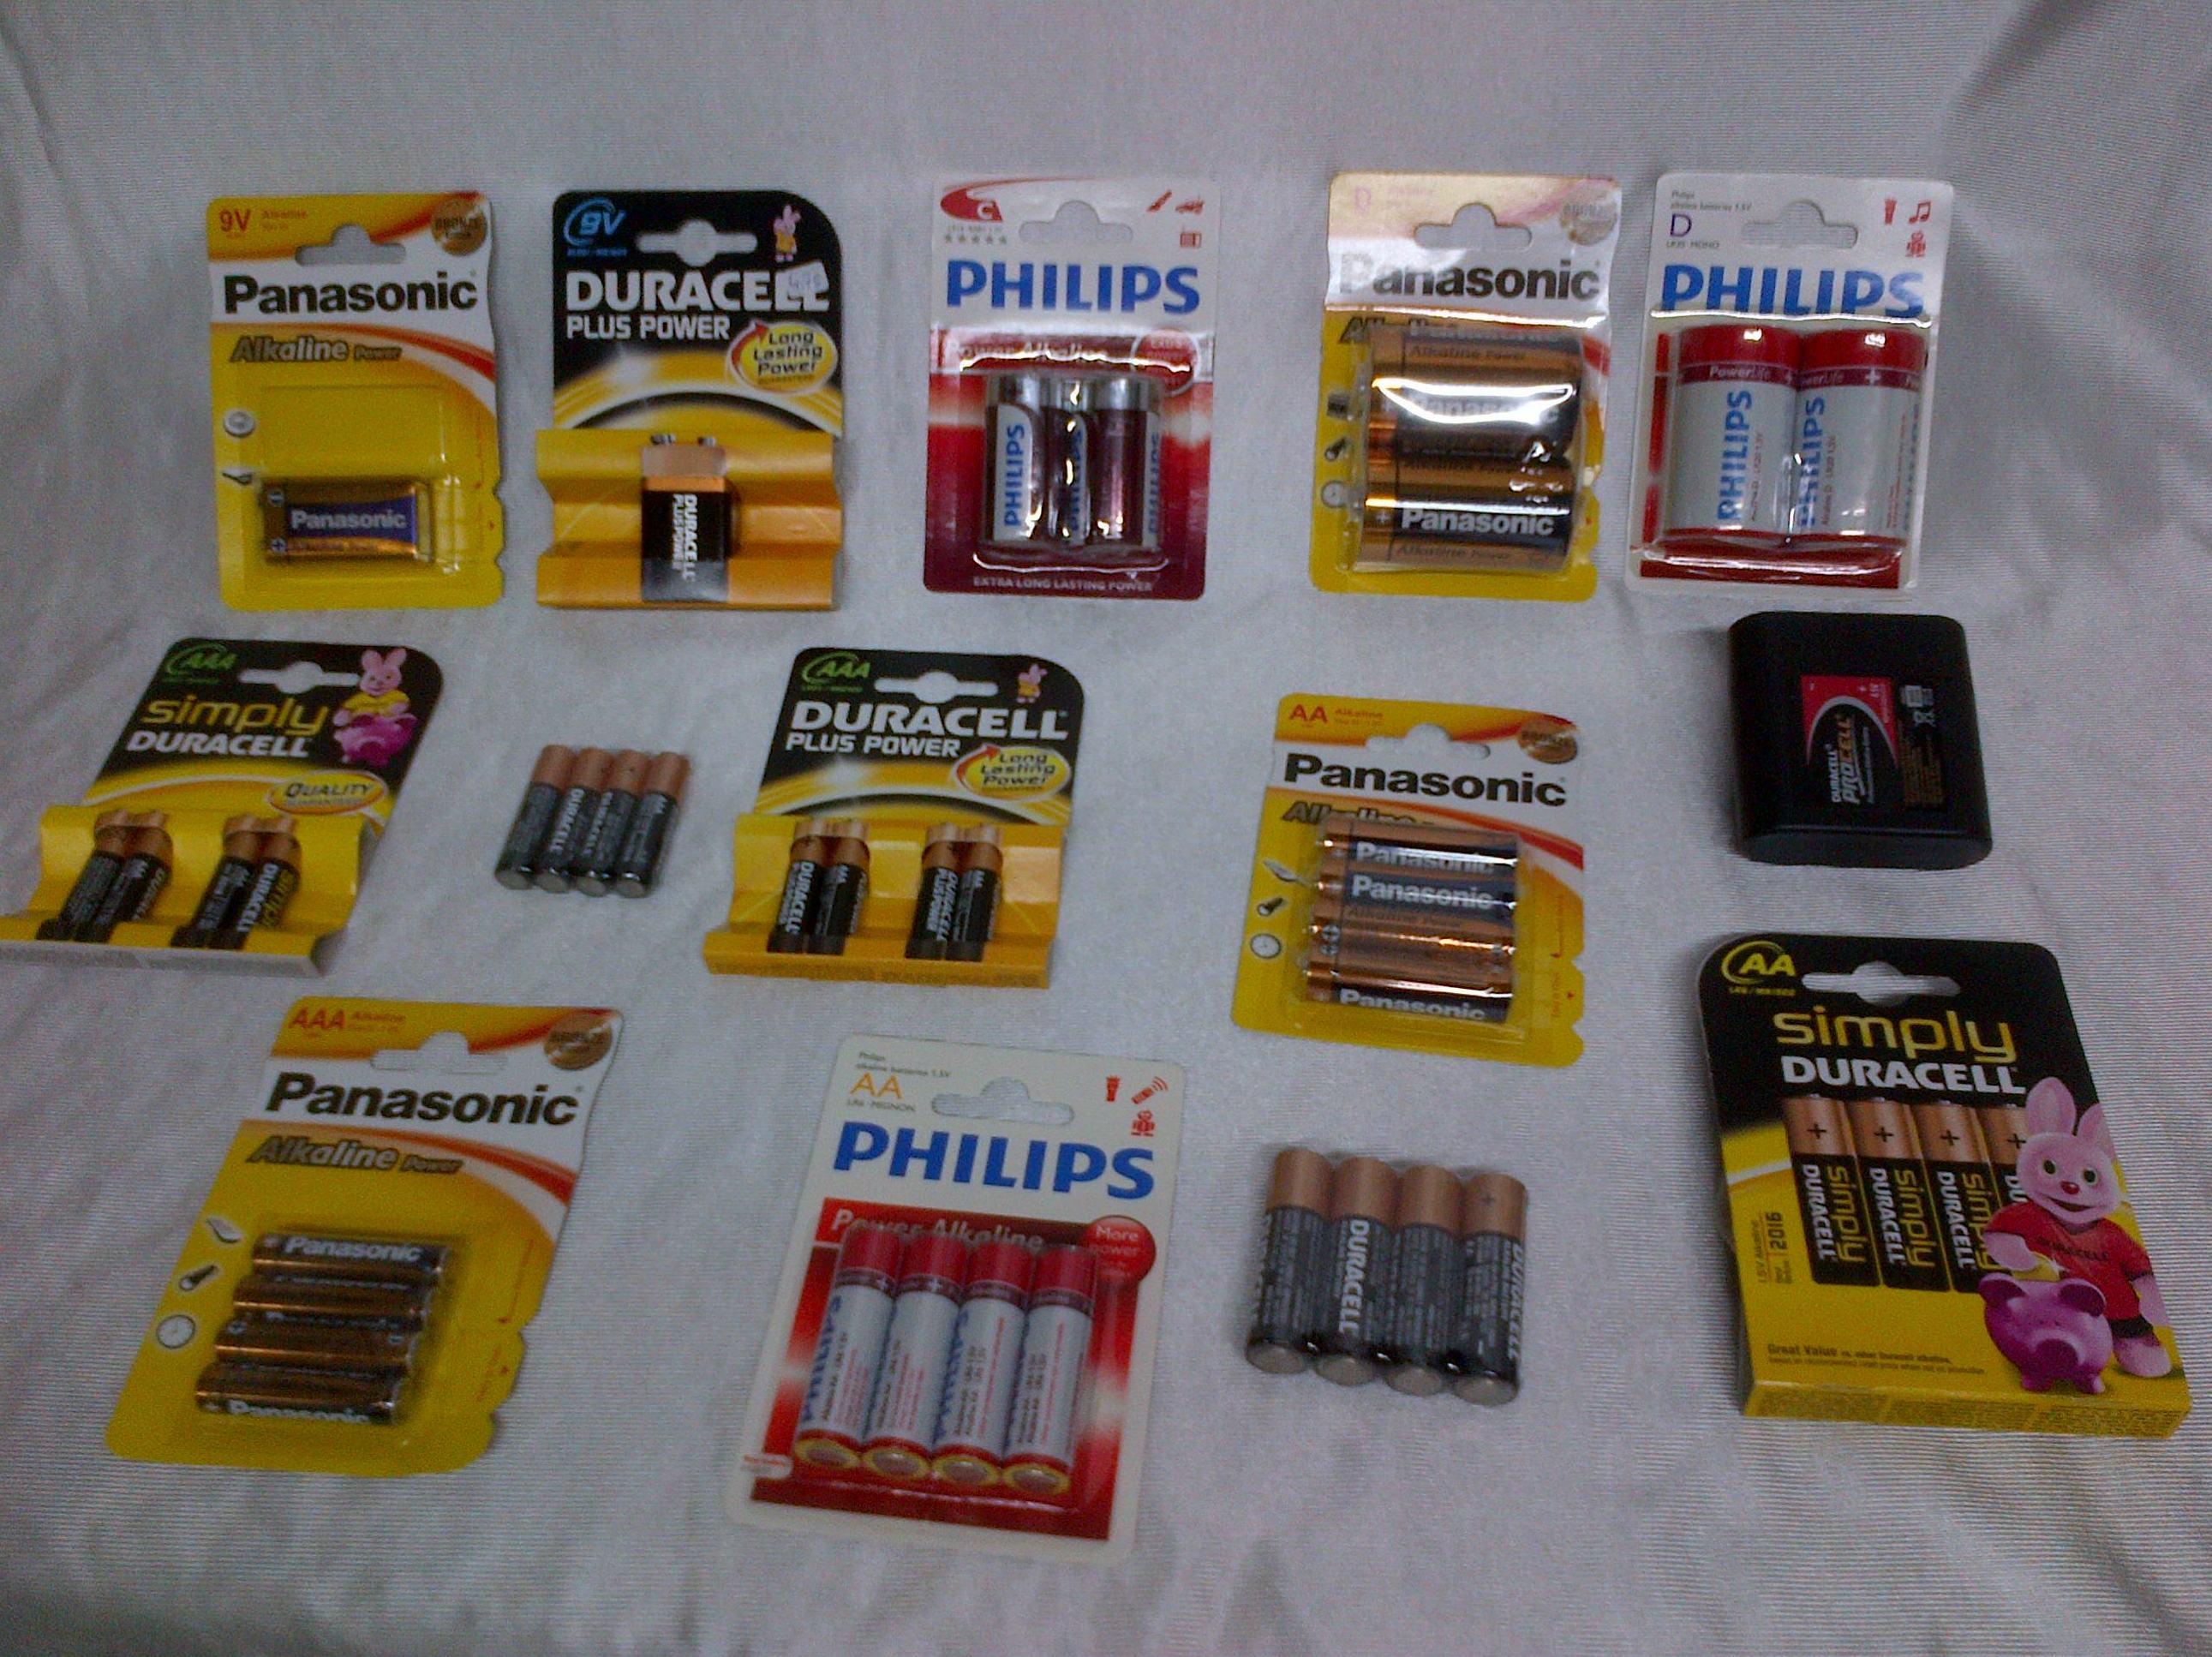 Pilas y baterías: Productos y servicios  de Electricidad e Iluminación Iñaki